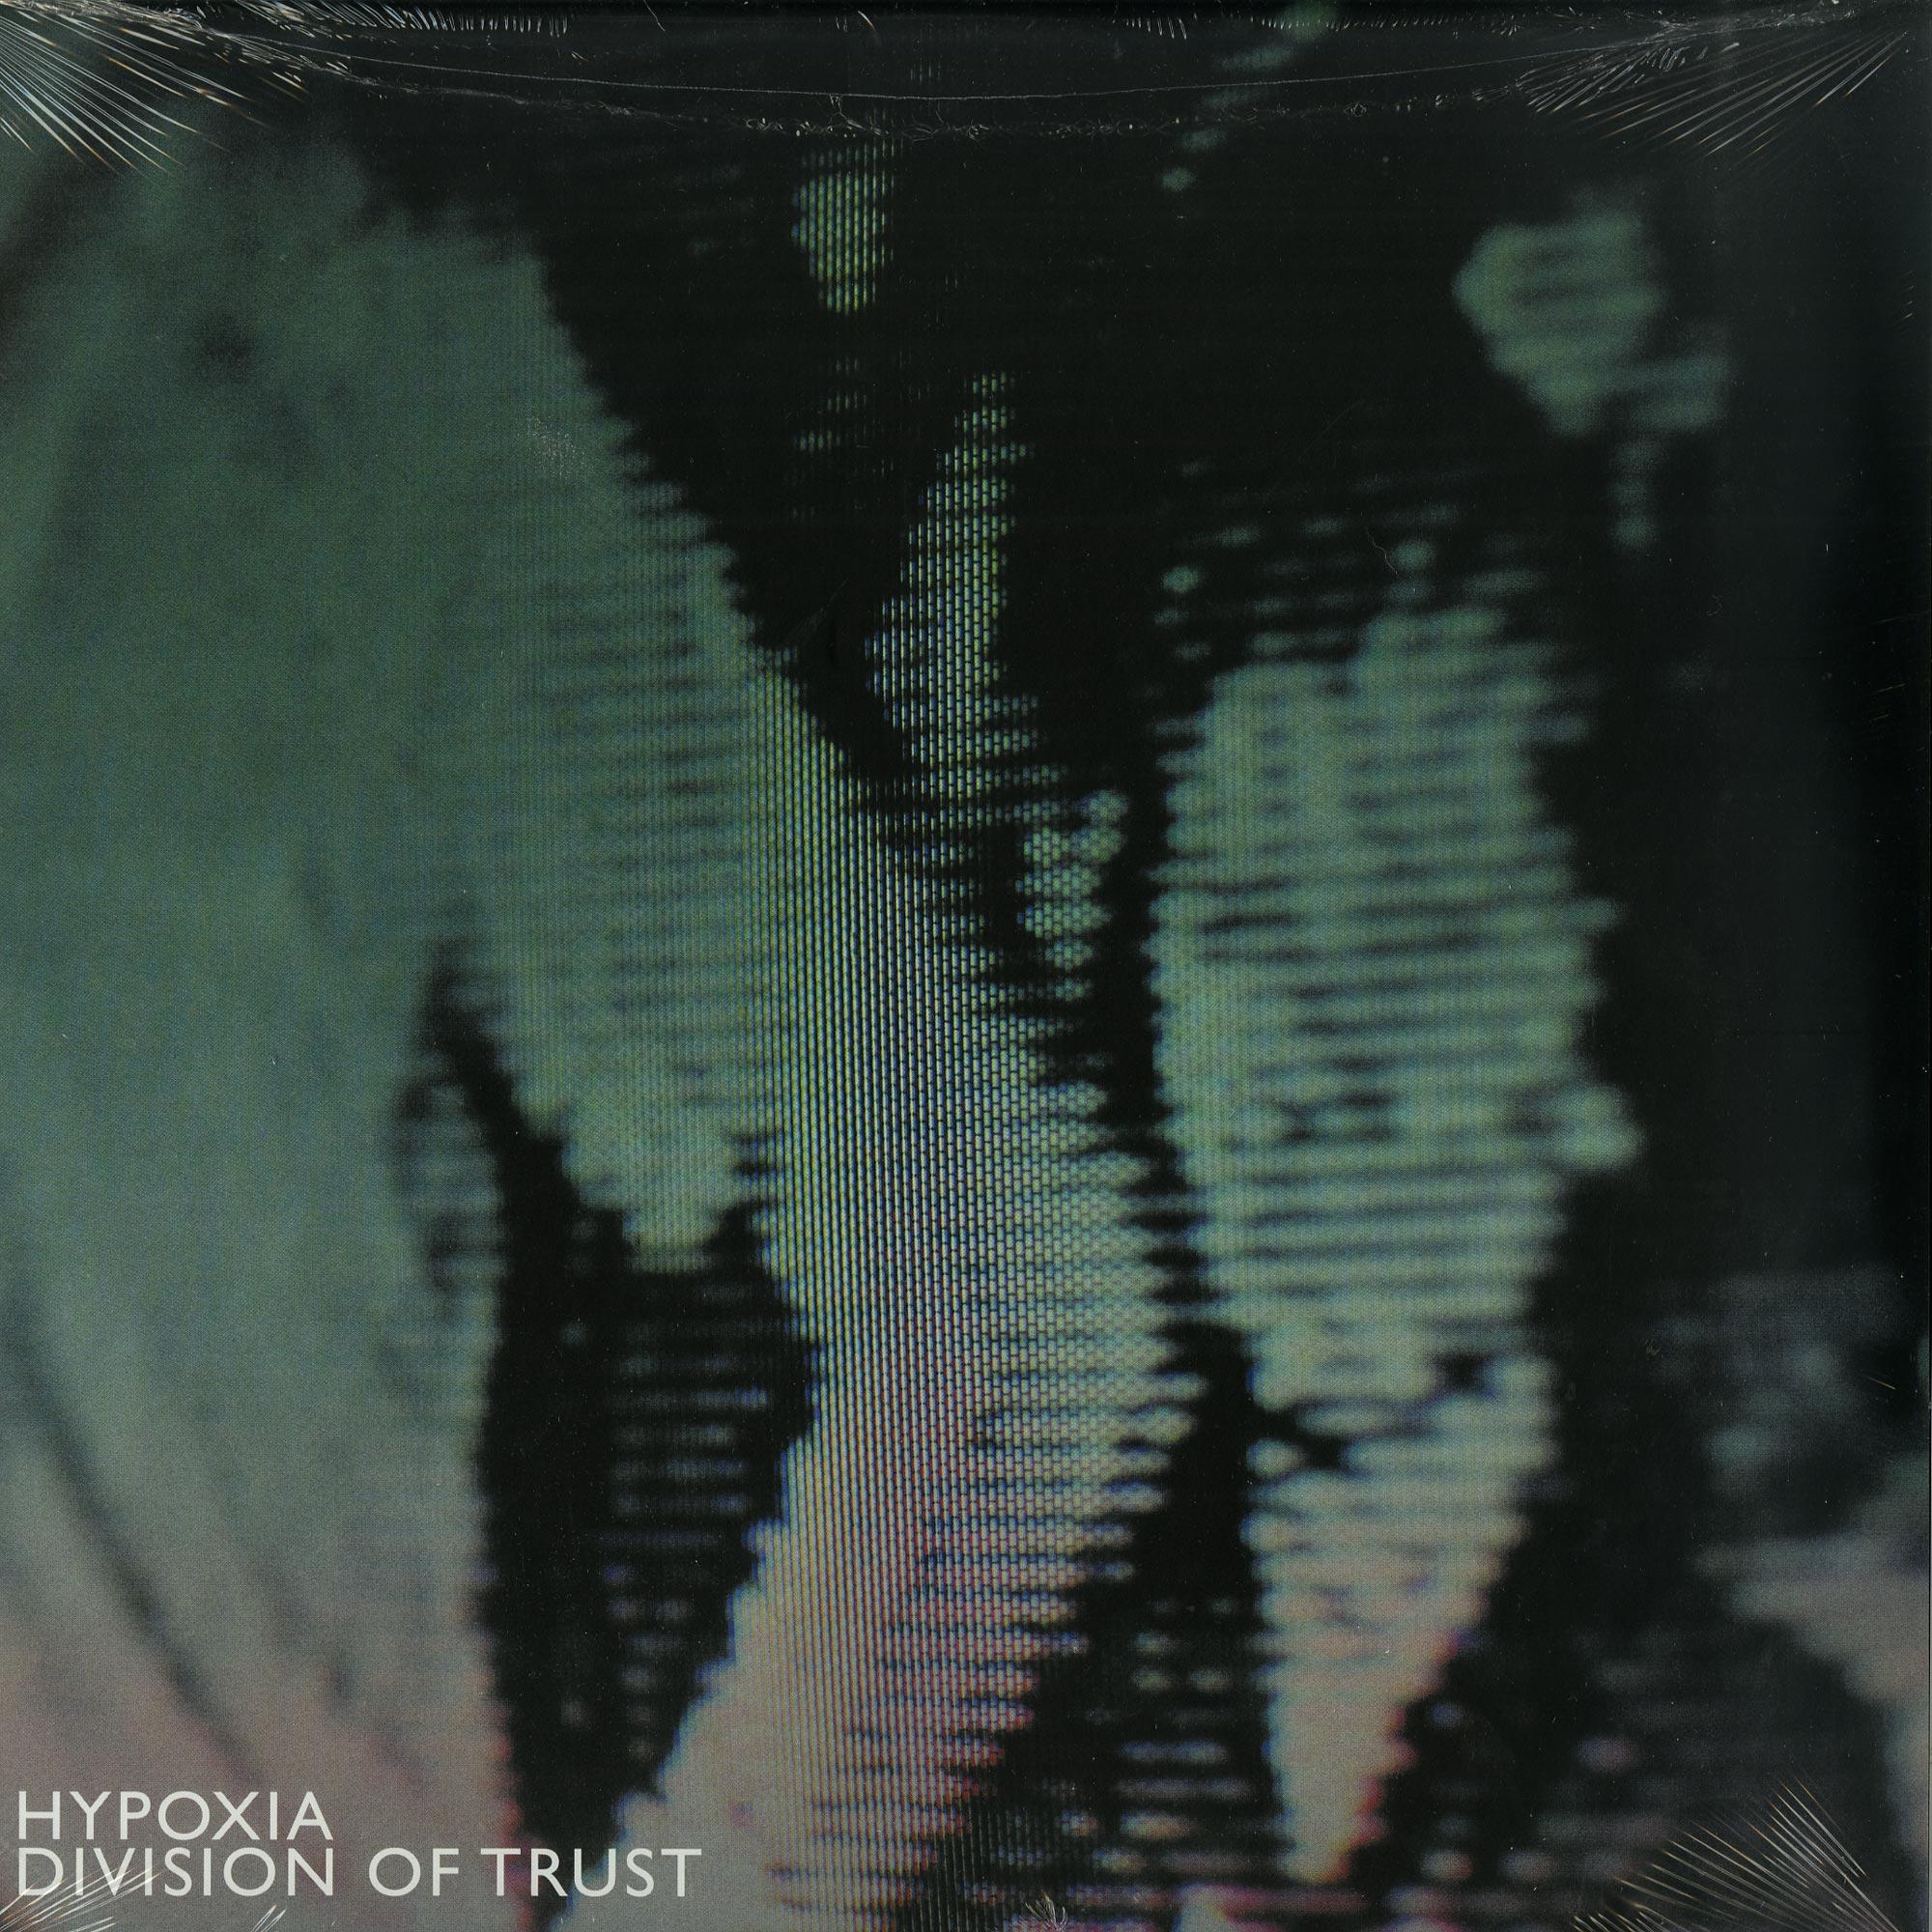 Hypoxia - DIVISION OF TRUST